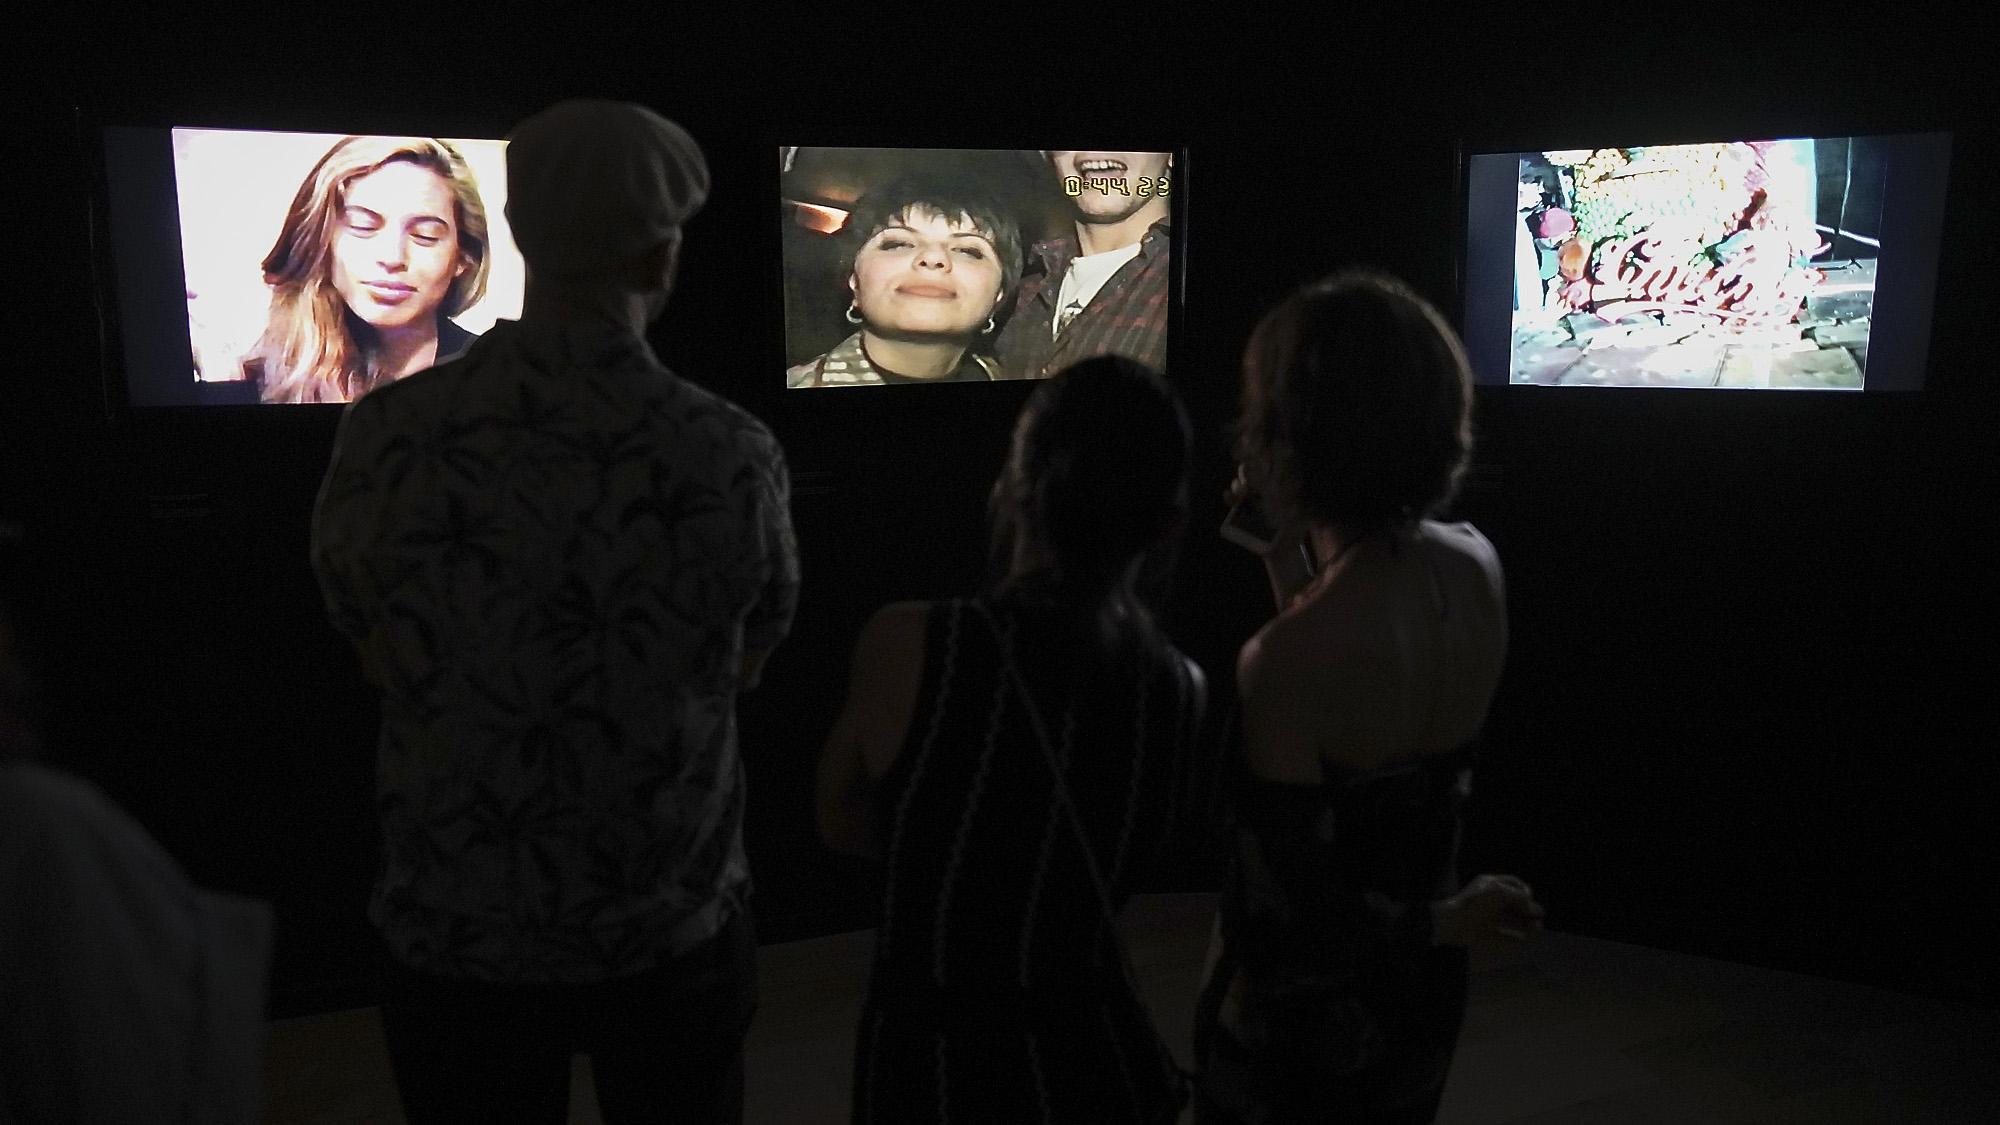 La exhibición está acompañada por un importante libro publicado por el Museo de Arte Moderno de Buenos Aires, que cuenta con ensayos de Lucrecia Palacios, Wustavo Quiroga, Mariano del Mazzo y Carolina Muzi, y un dossier documental con imágenes y testimonios